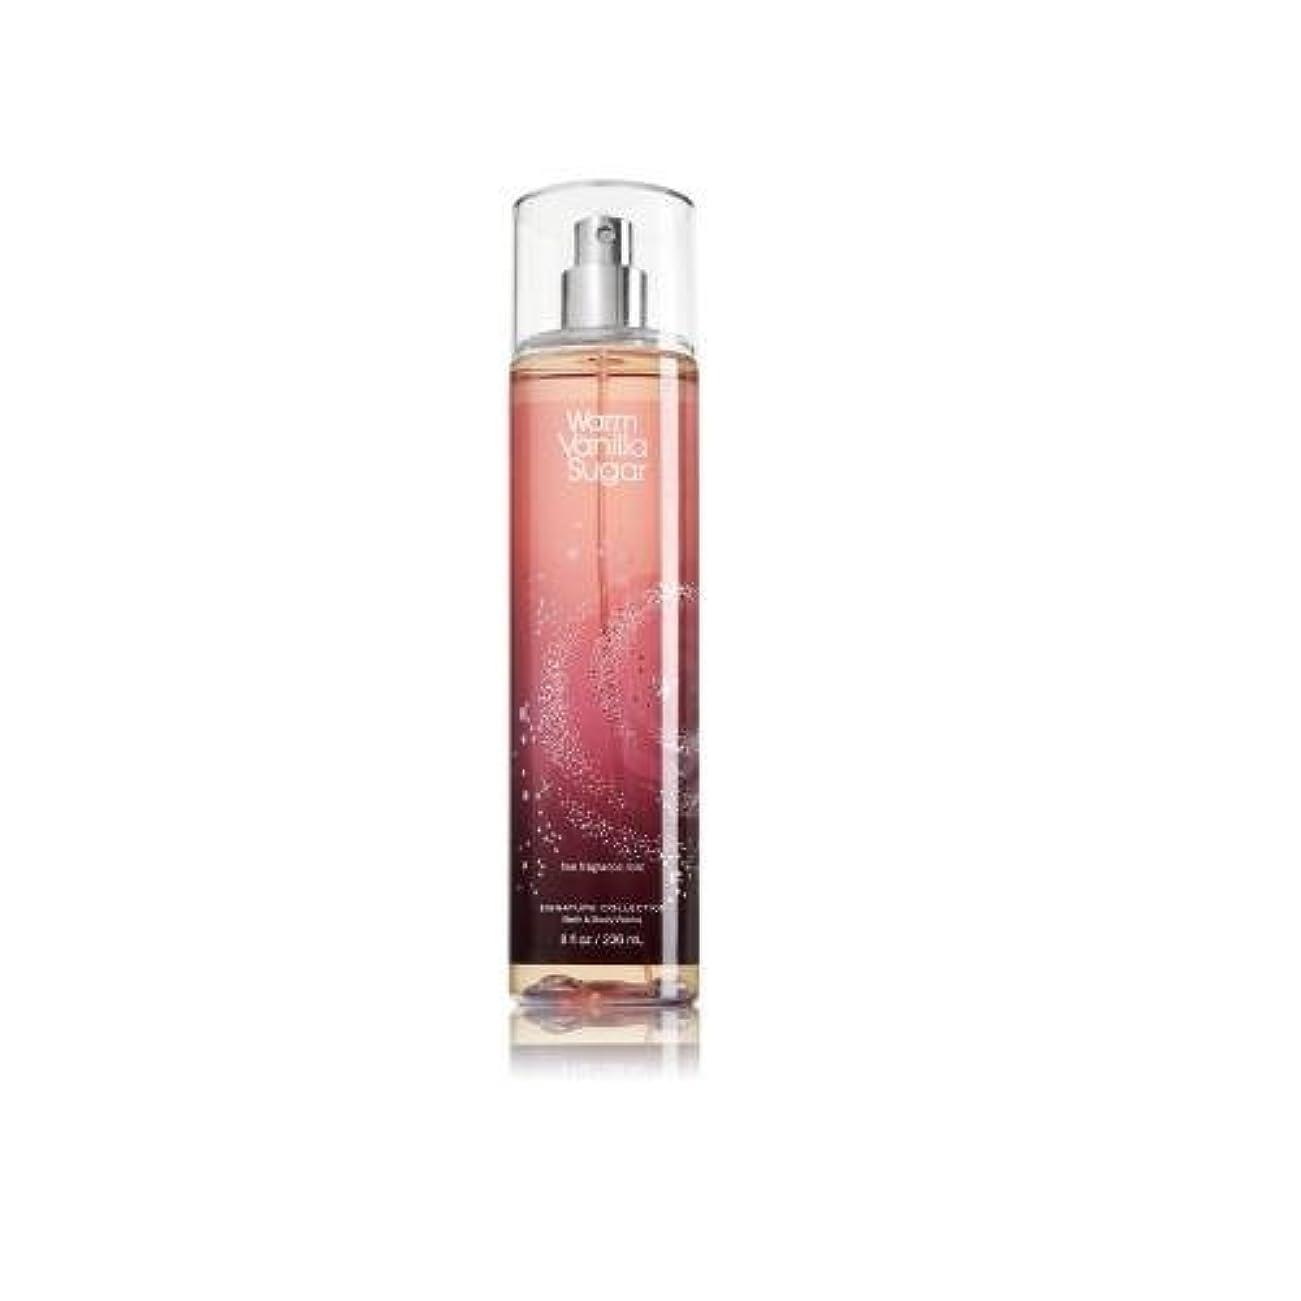 くるみ最初地雷原Bath & Body Works ウォームバニラシュガー フレグランスミスト warm vanilla sugar Fragrance Mist[並行輸入品]